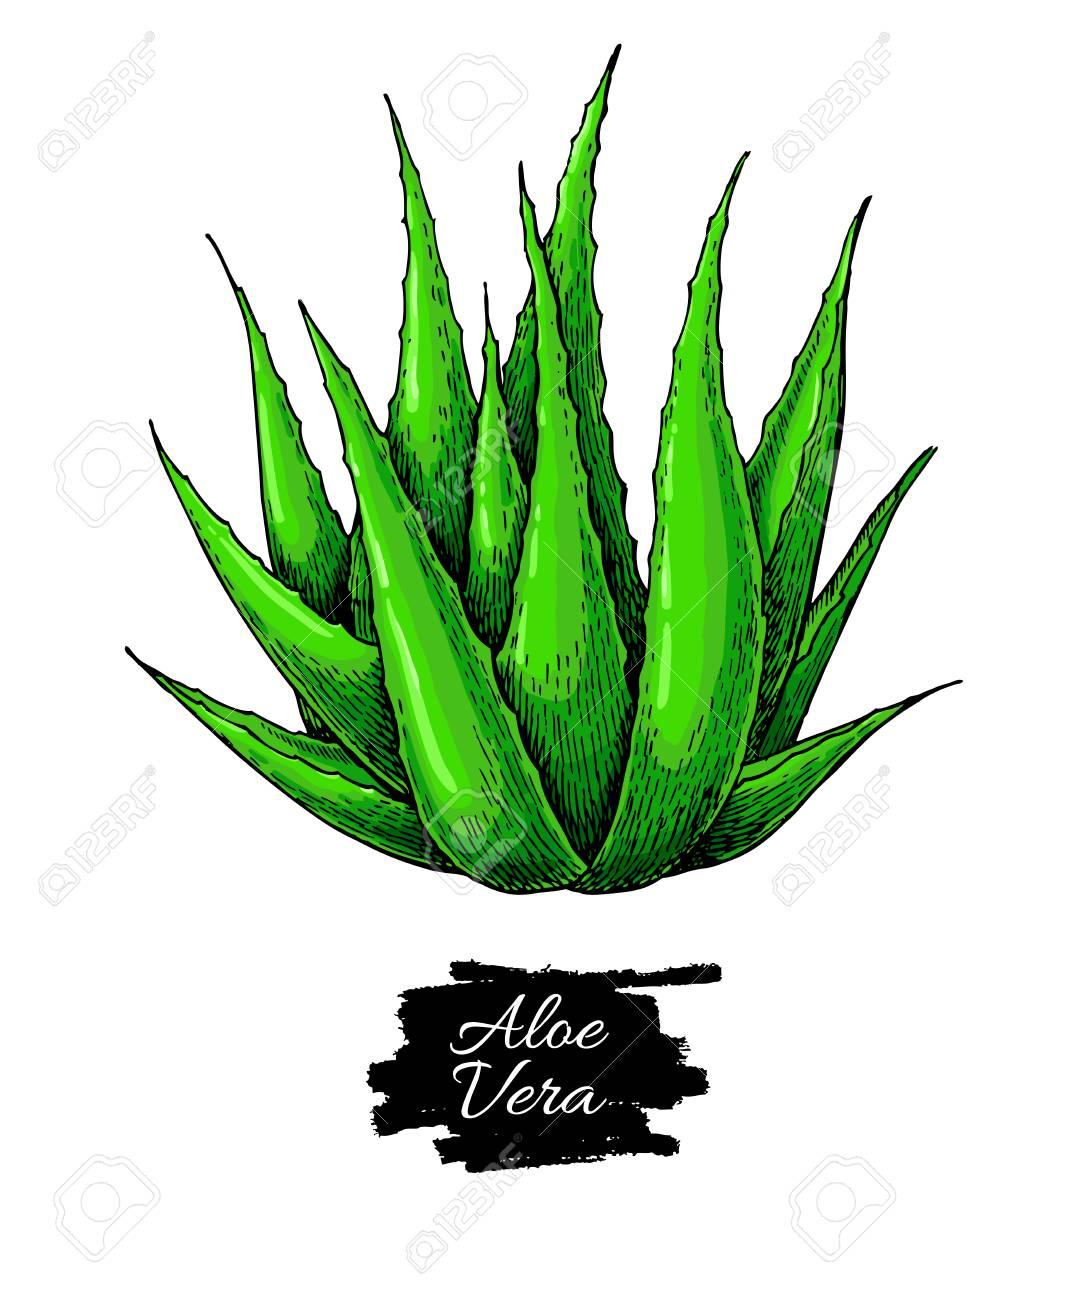 Illustration Vectorielle Aloe Vera Objet Artistique Isolé Dessiné Main Sur Fond Blanc Ingrédient Cosmétique Naturel Dessin Botanique De La Plante